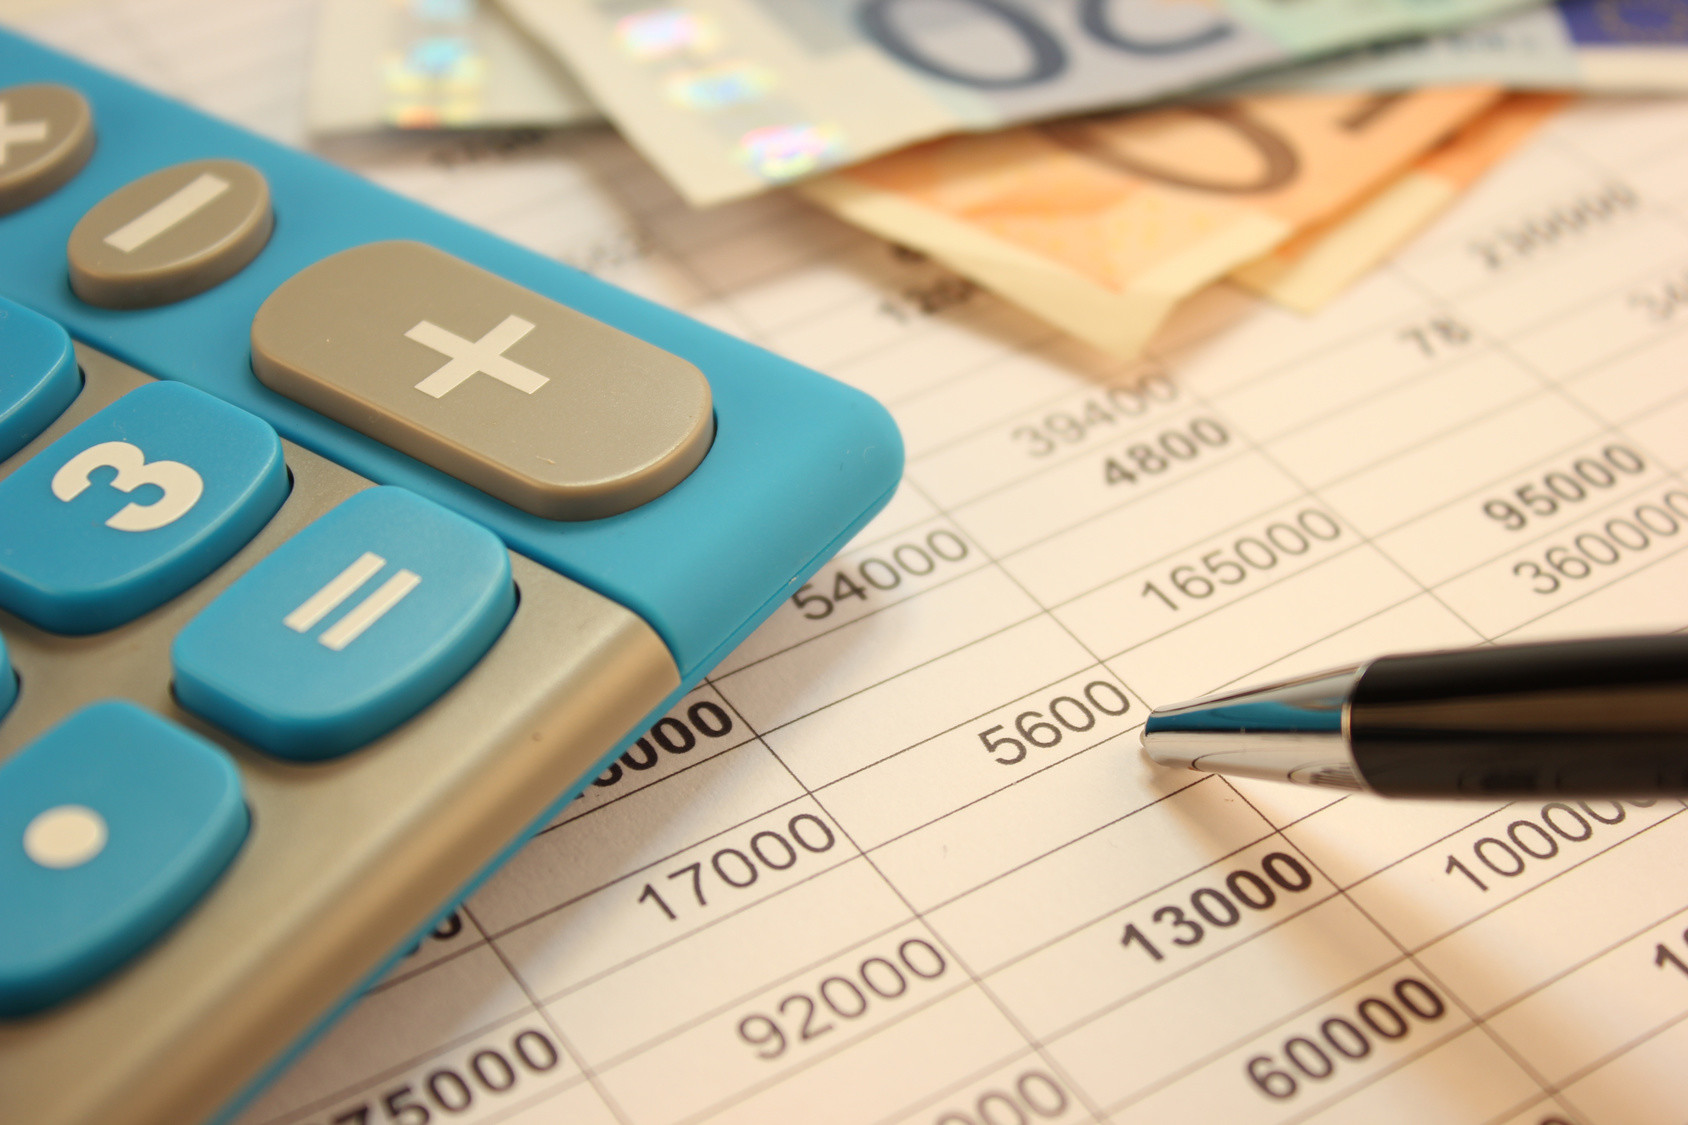 ¿Quiénes pueden optar a la consolidación de deudas?